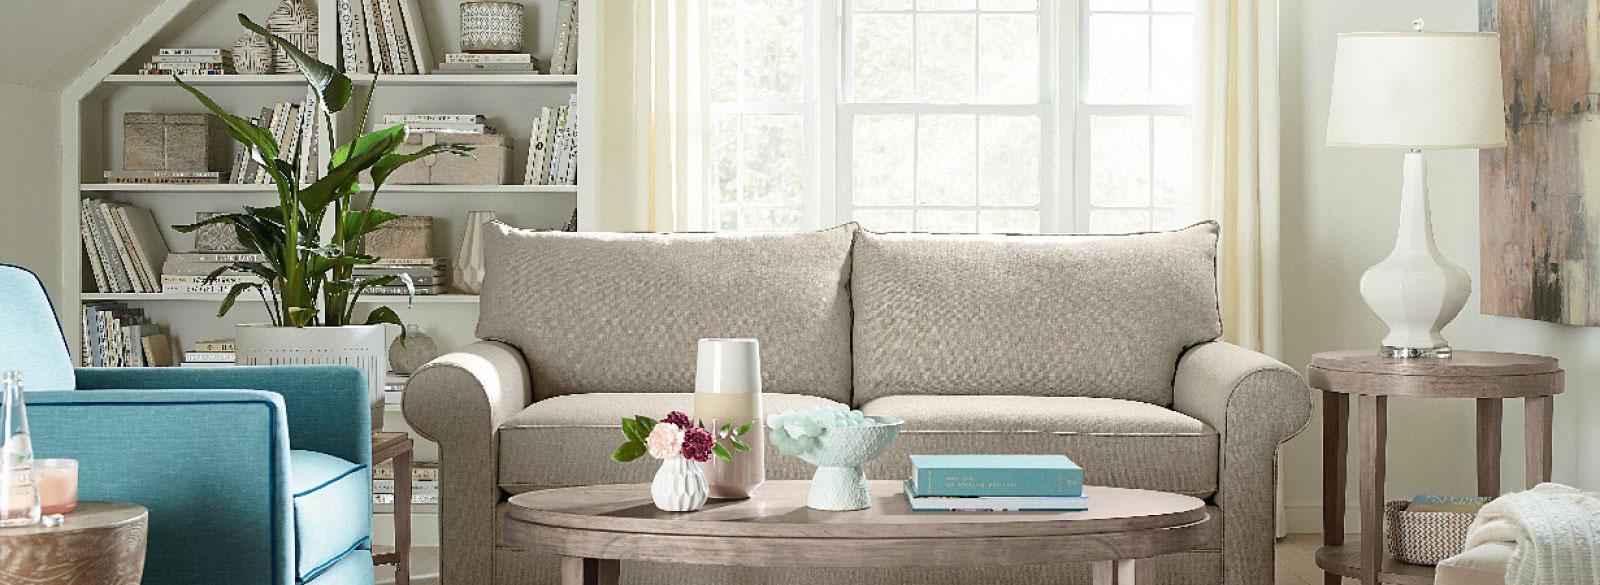 Sunny white living room